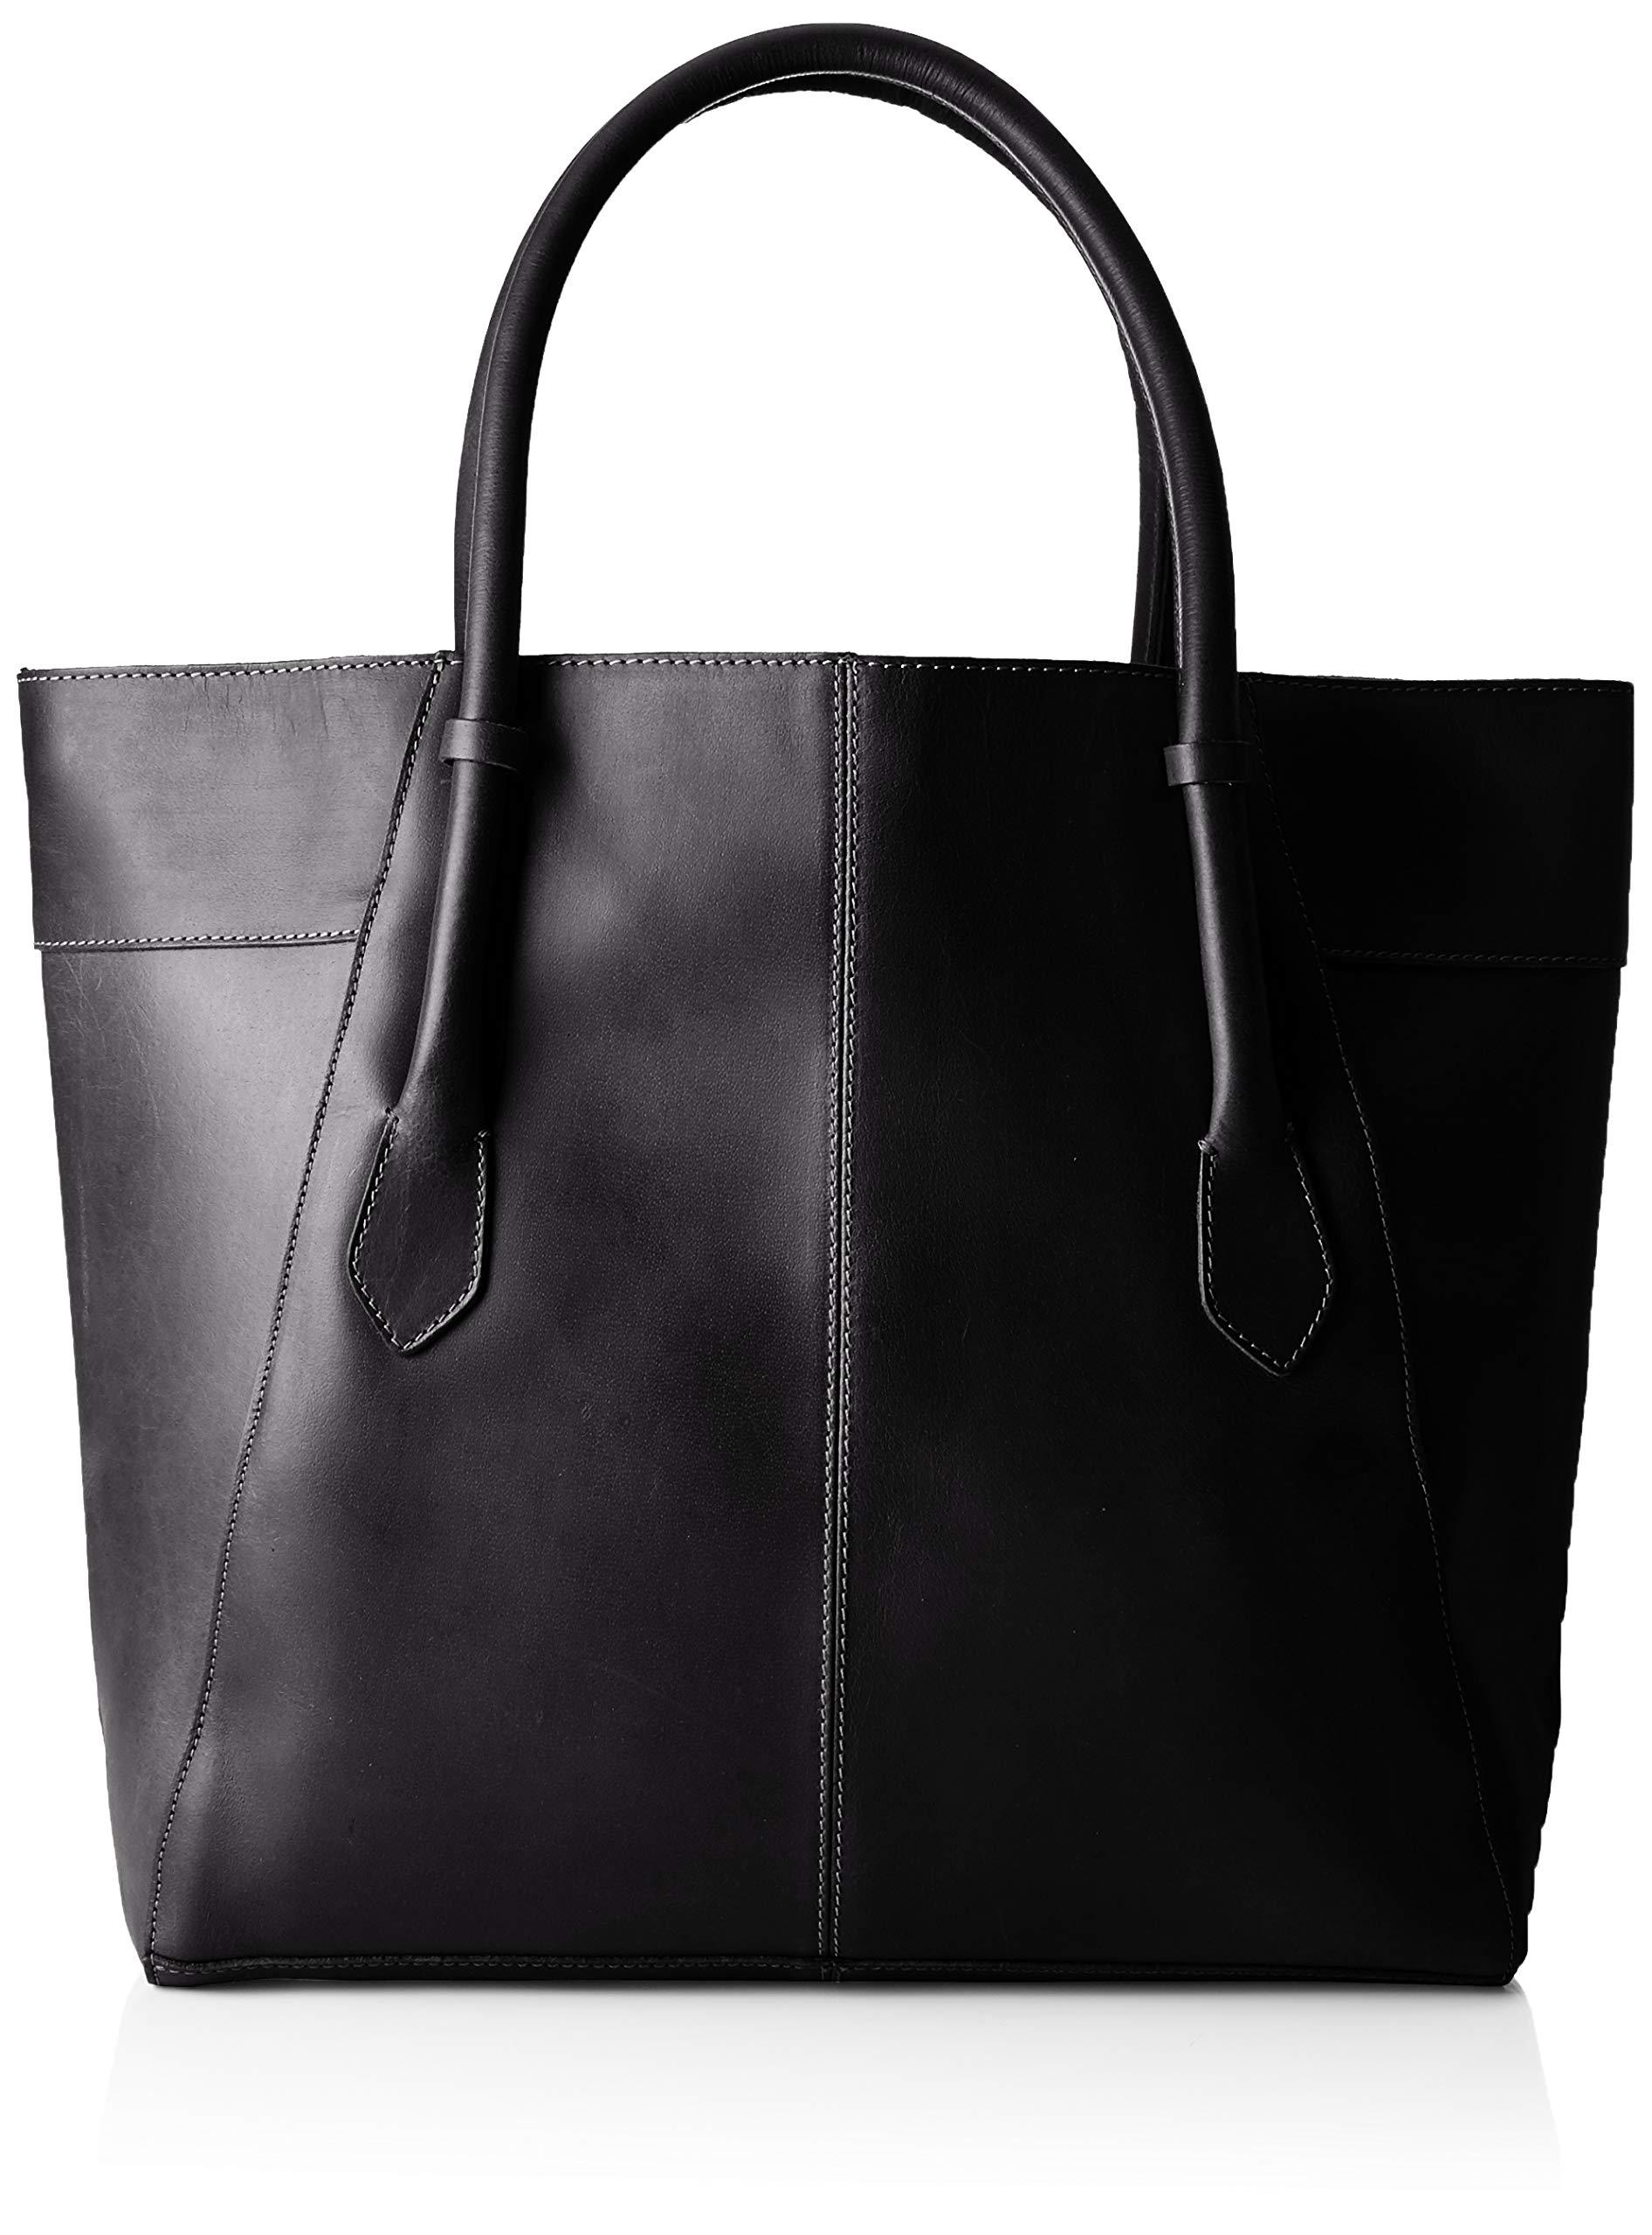 FemmeNoirblack12x34x45 Cmb X Pctamela Épaule T H Portés Pieces Leather ShopperSacs GUMzVjLqSp